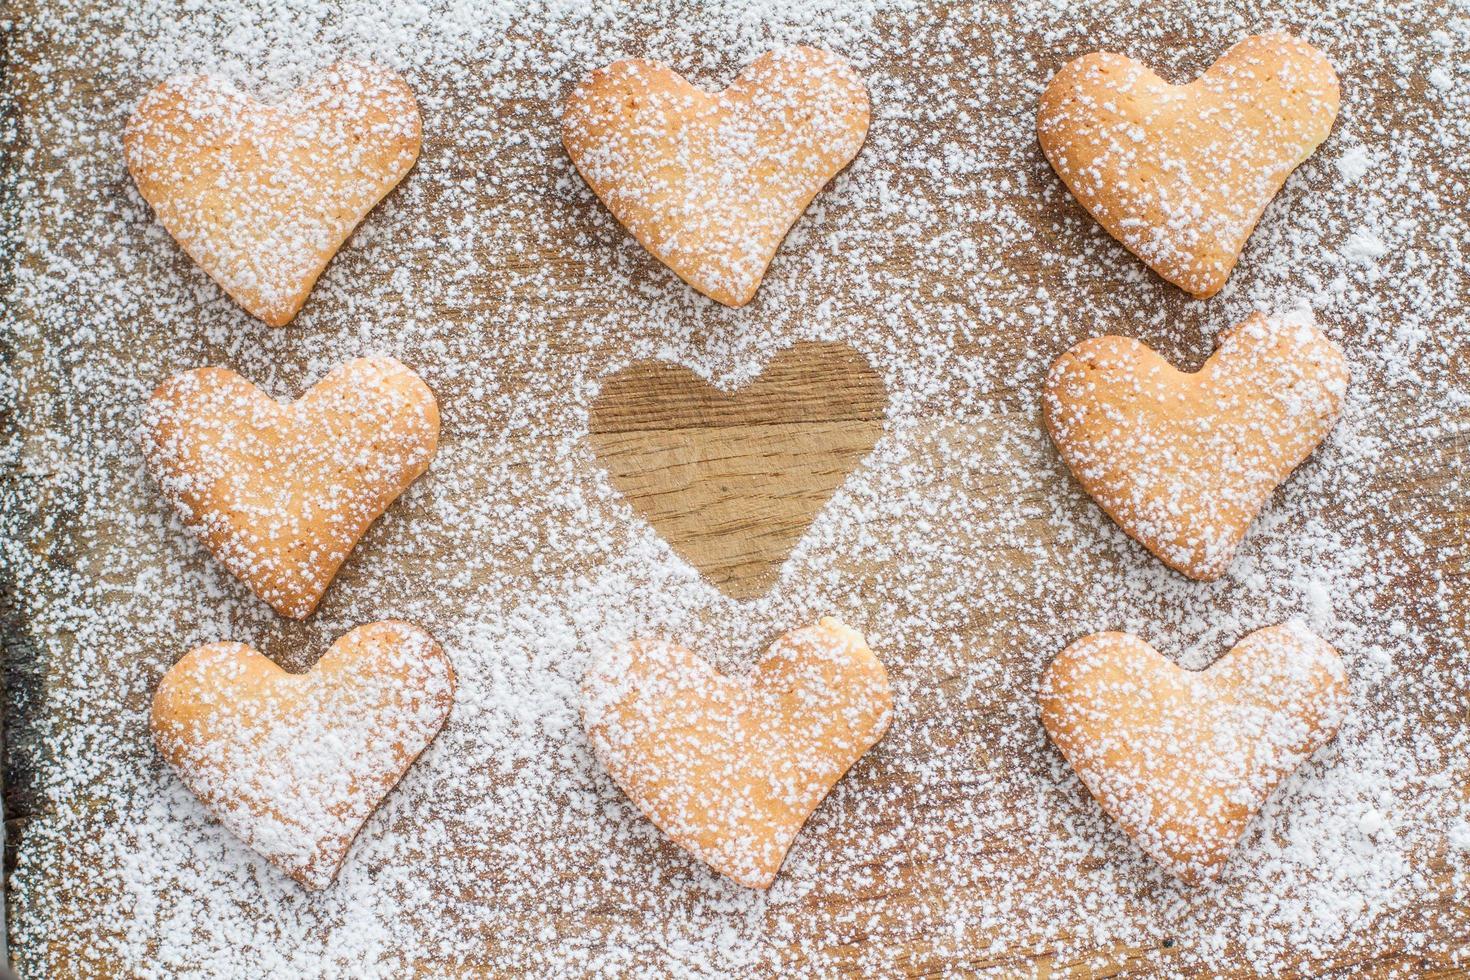 Poweder de galletas en forma de corazón con azúcar, una silueta foto